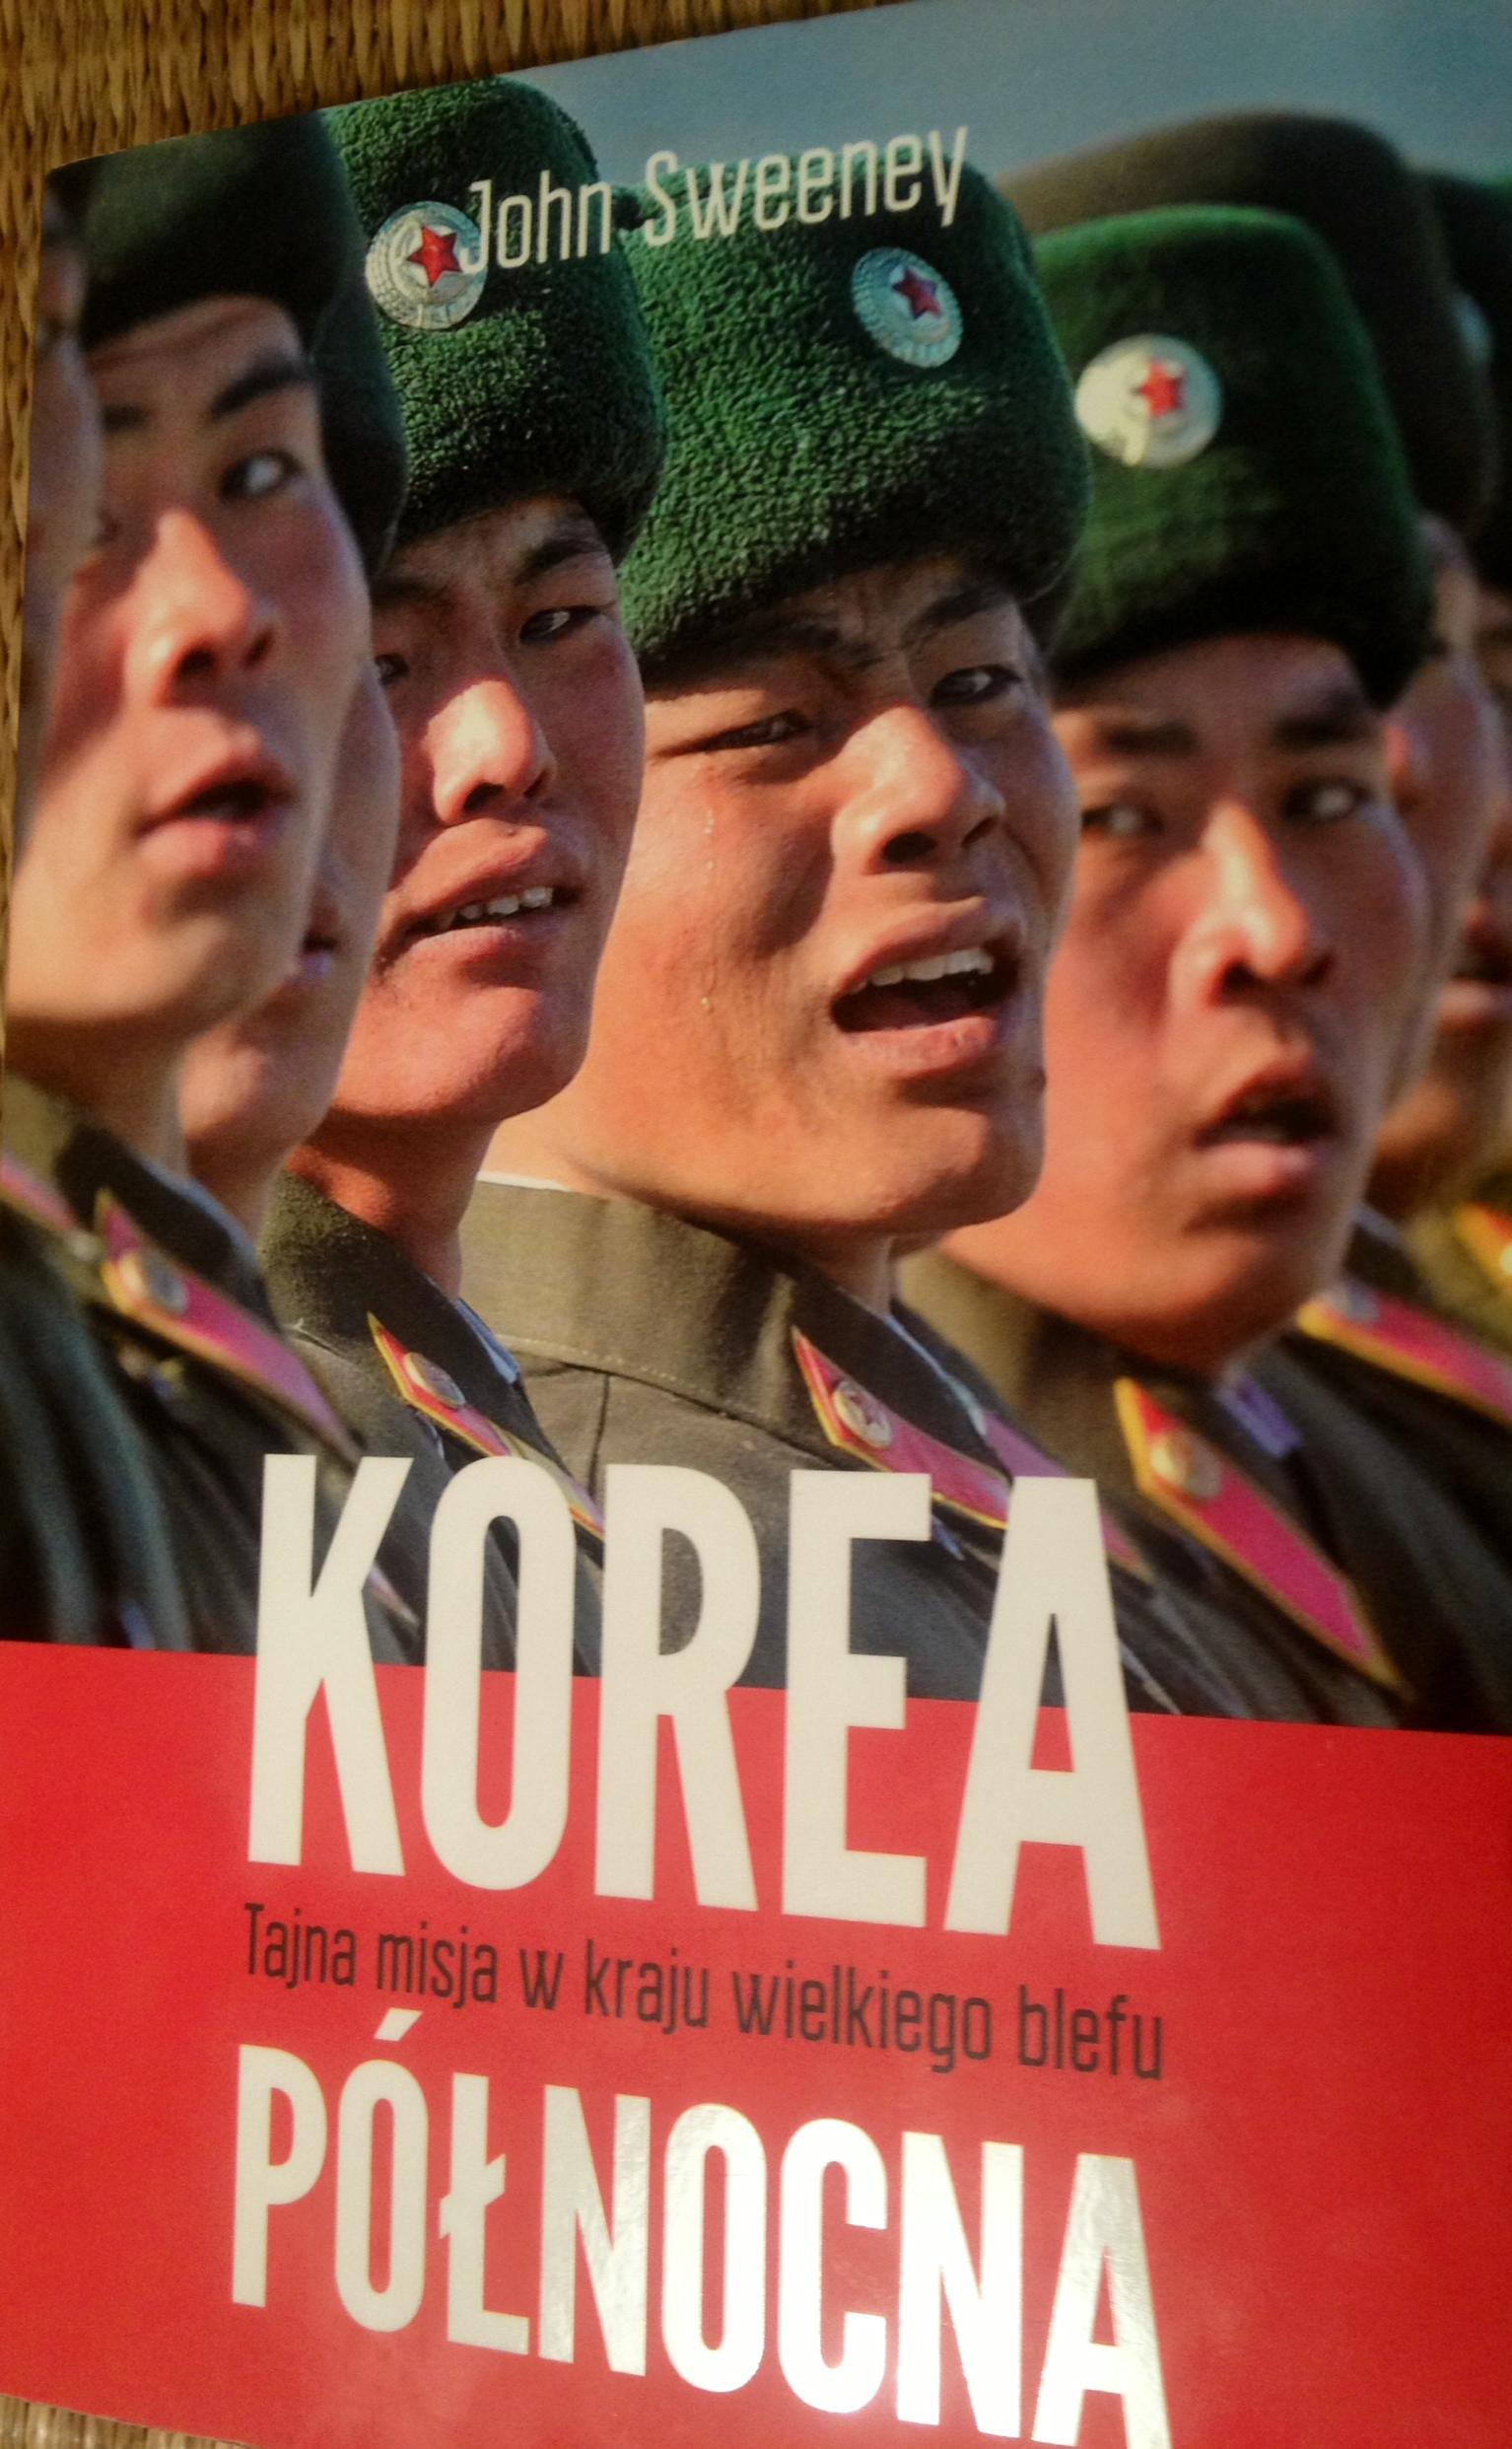 Korea Północna, Tajna misja w kraju wielkiego blefu, książka o Korei Północnej